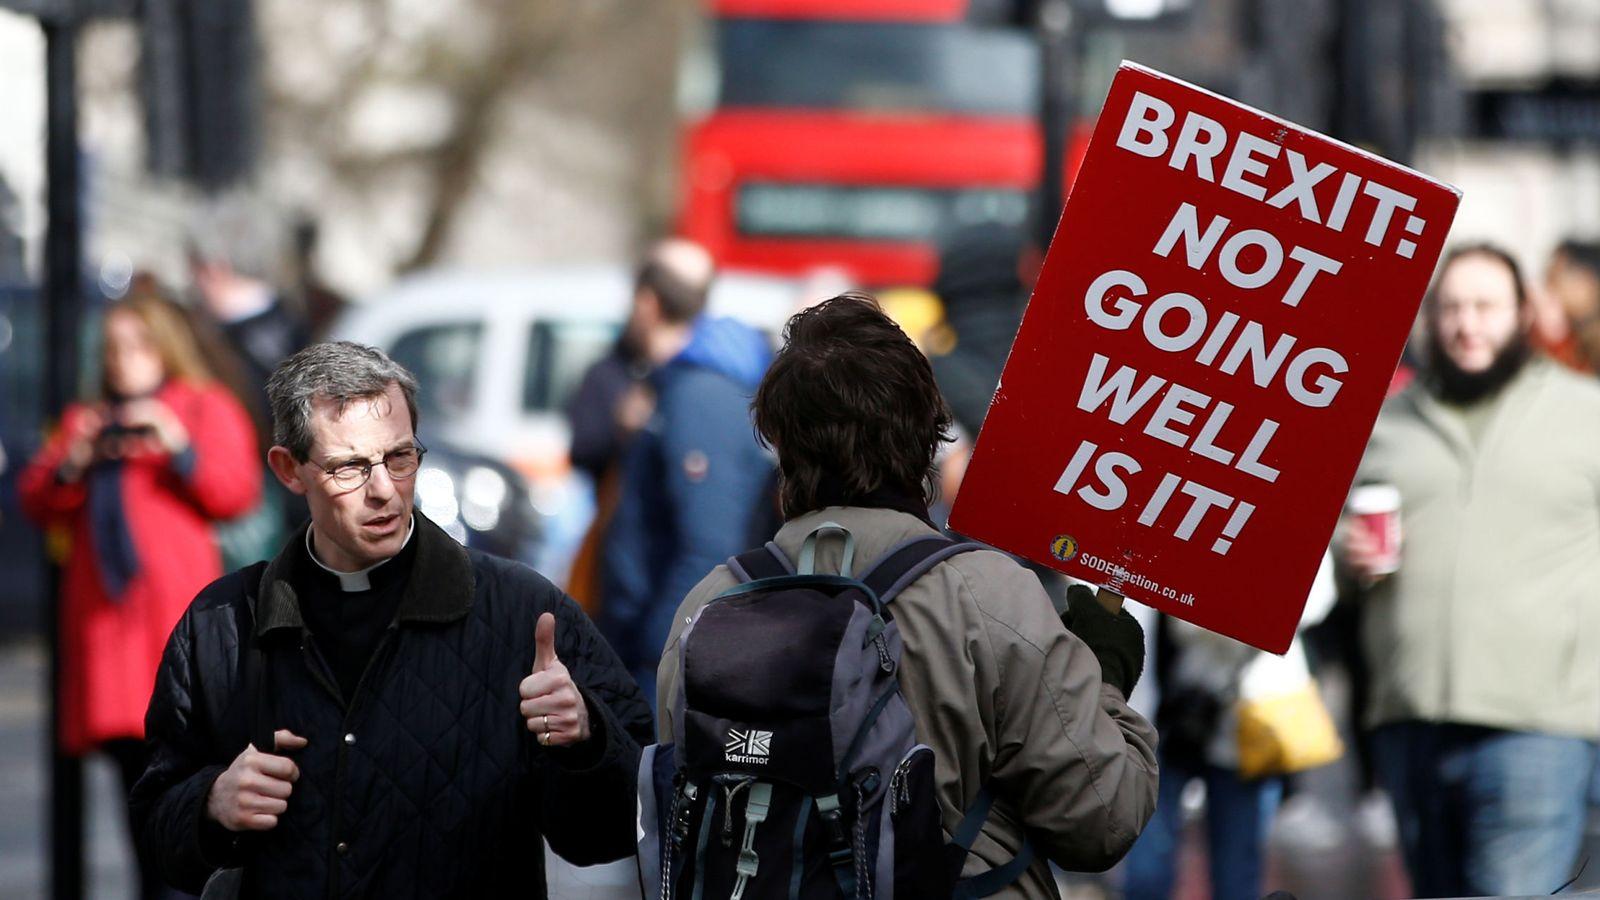 Foto: Un manifestante contra el Brexit protesta frente al Parlamento en Londres, el 14 de marzo de 2019. (Reuters)